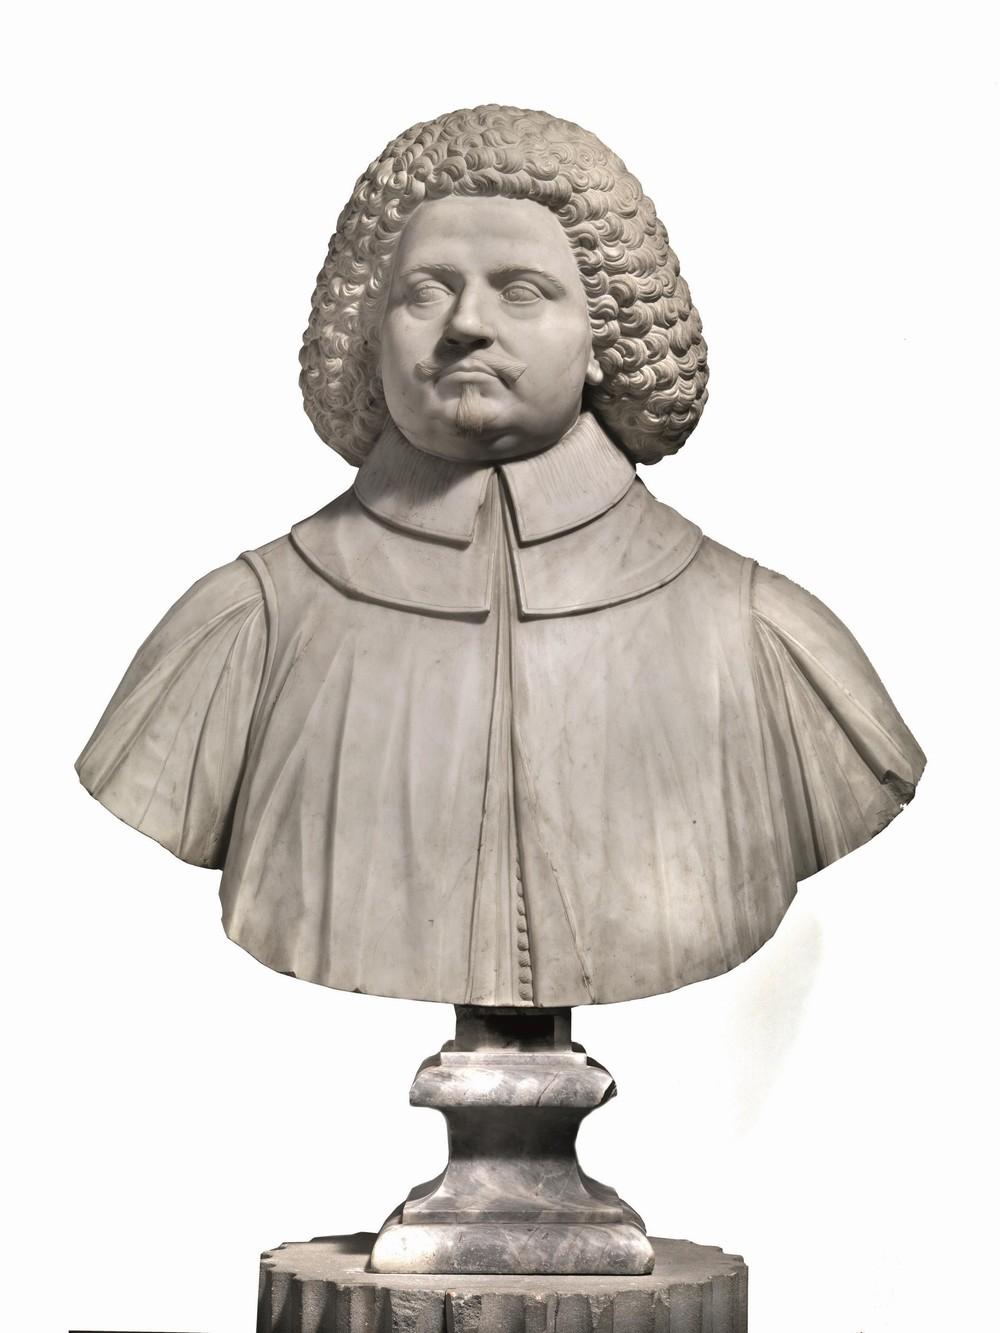 Dipinti e sculture antiche - Le Aste - Pandolfini Casa d Aste 4c51f0a7e49c